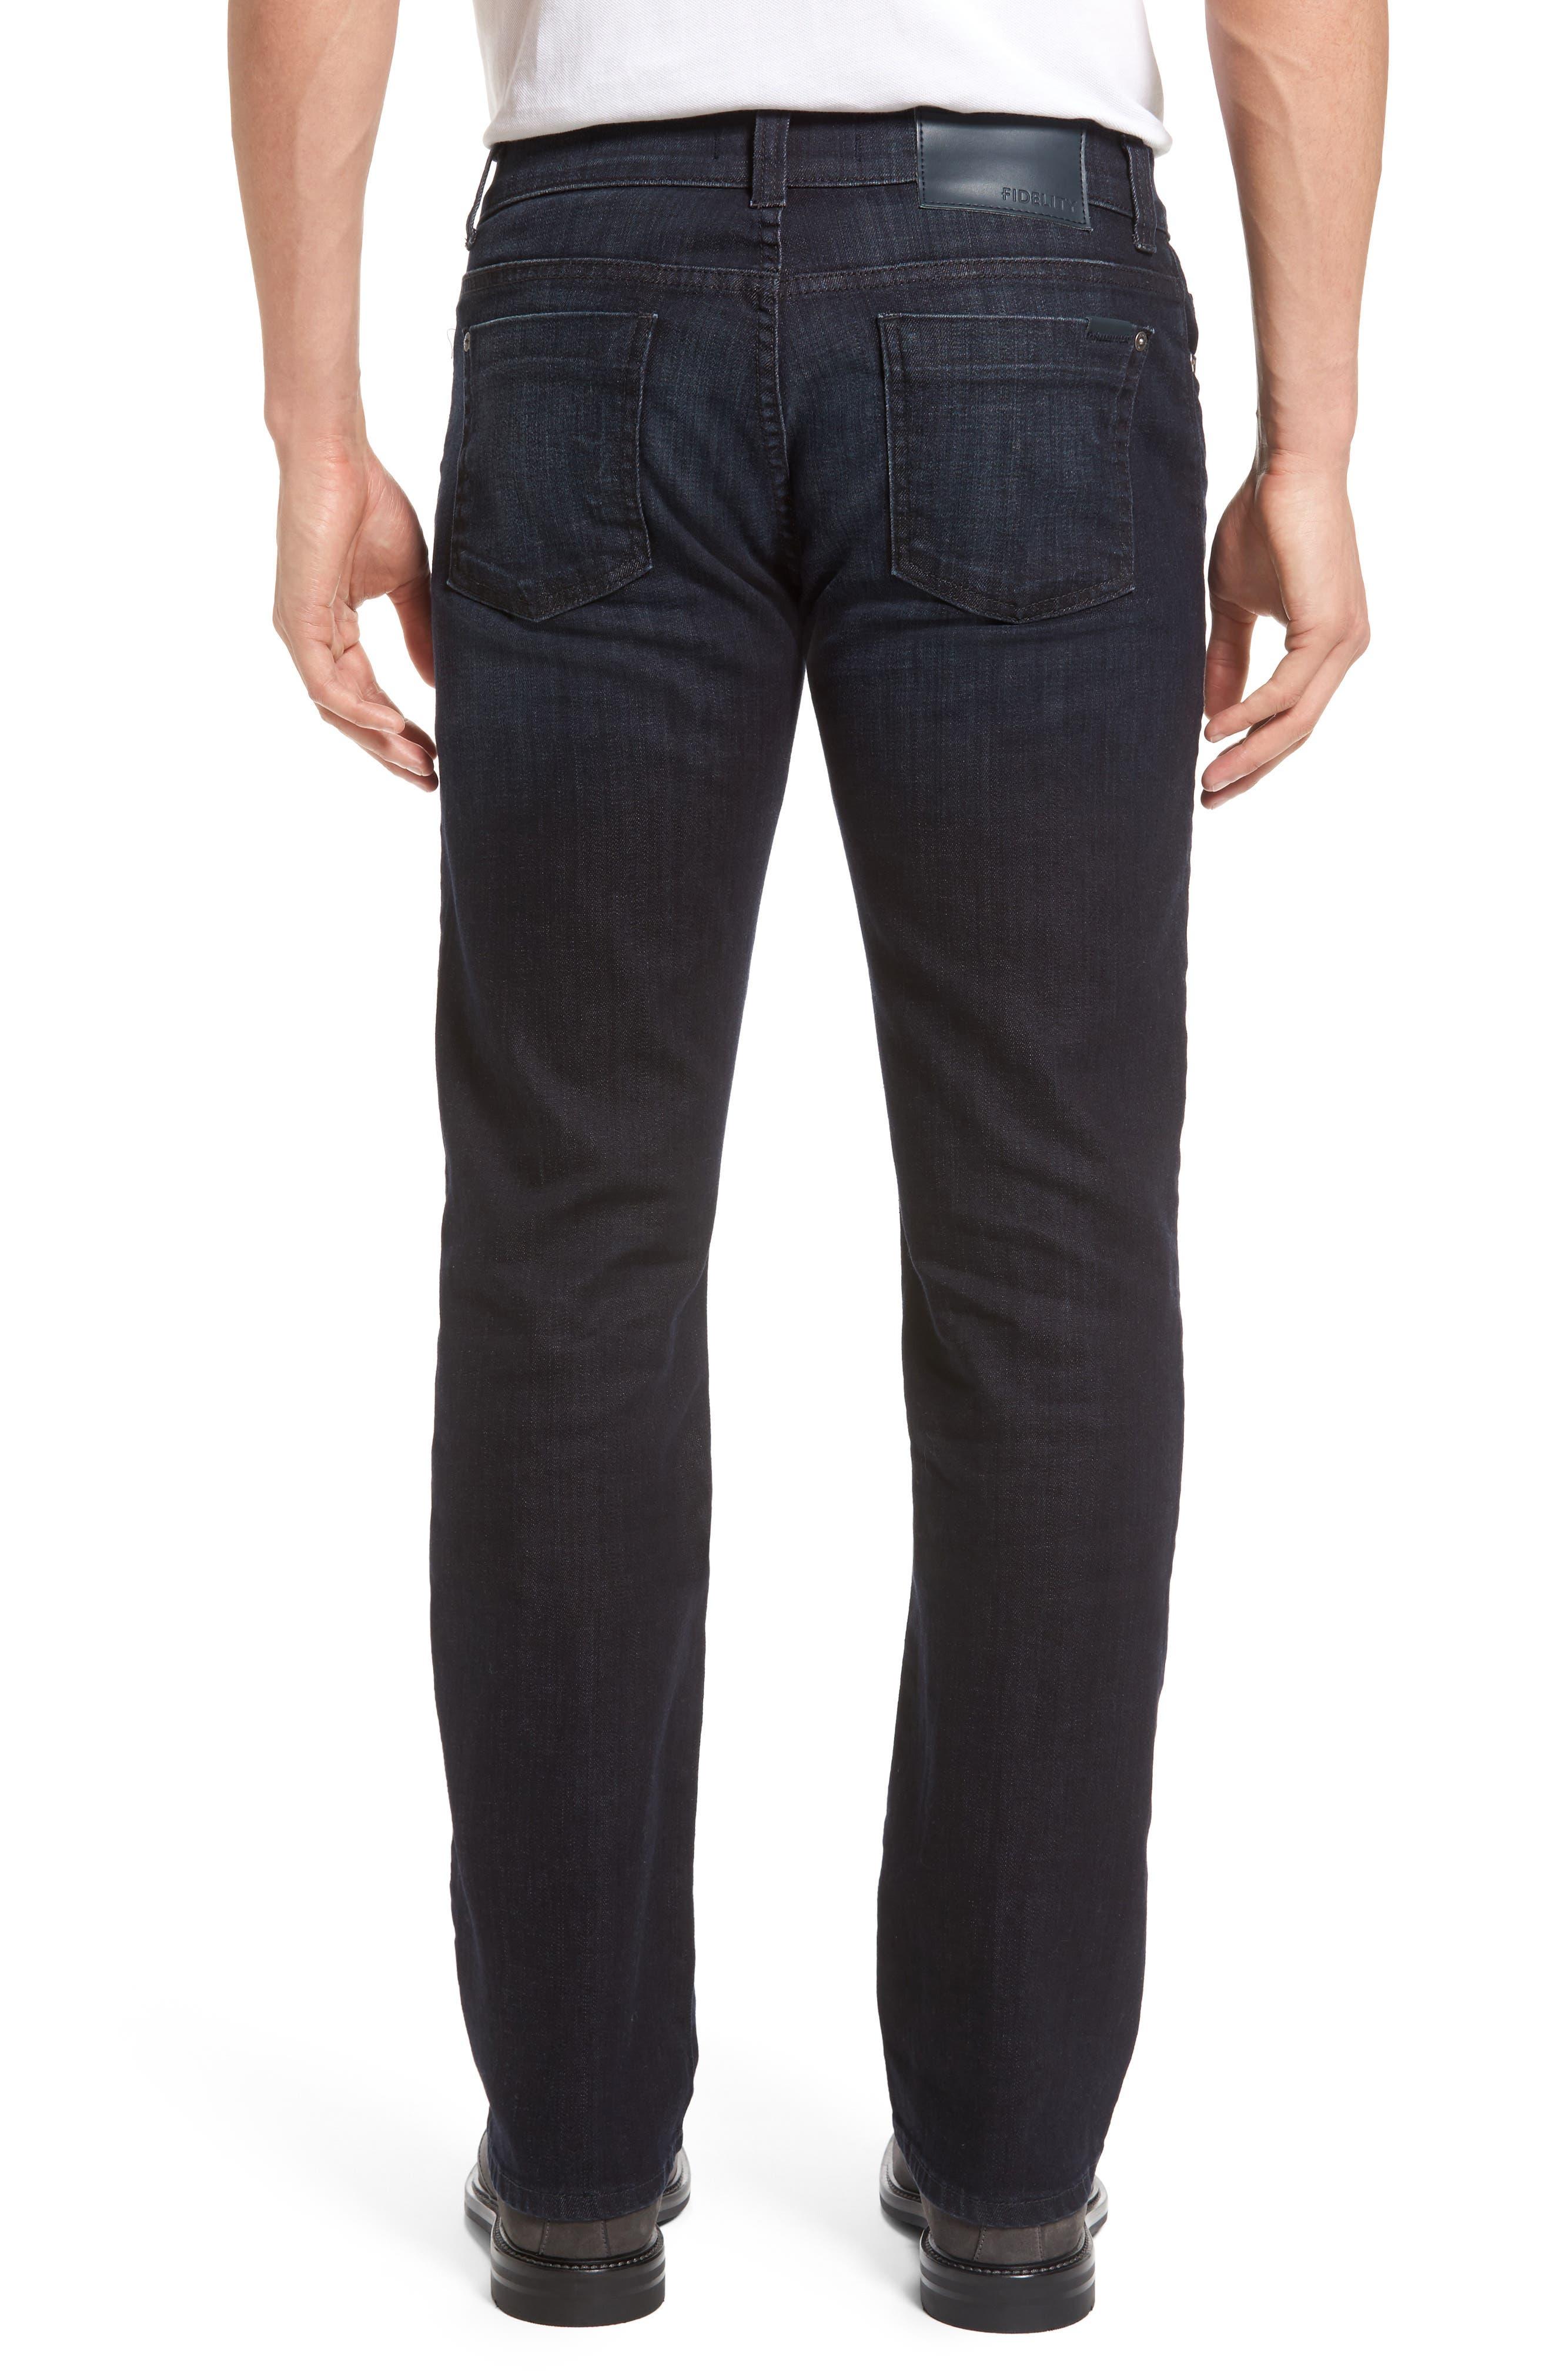 Alternate Image 2  - Fidelity Denim 5011 Relaxed Fit Jeans (Harvard)